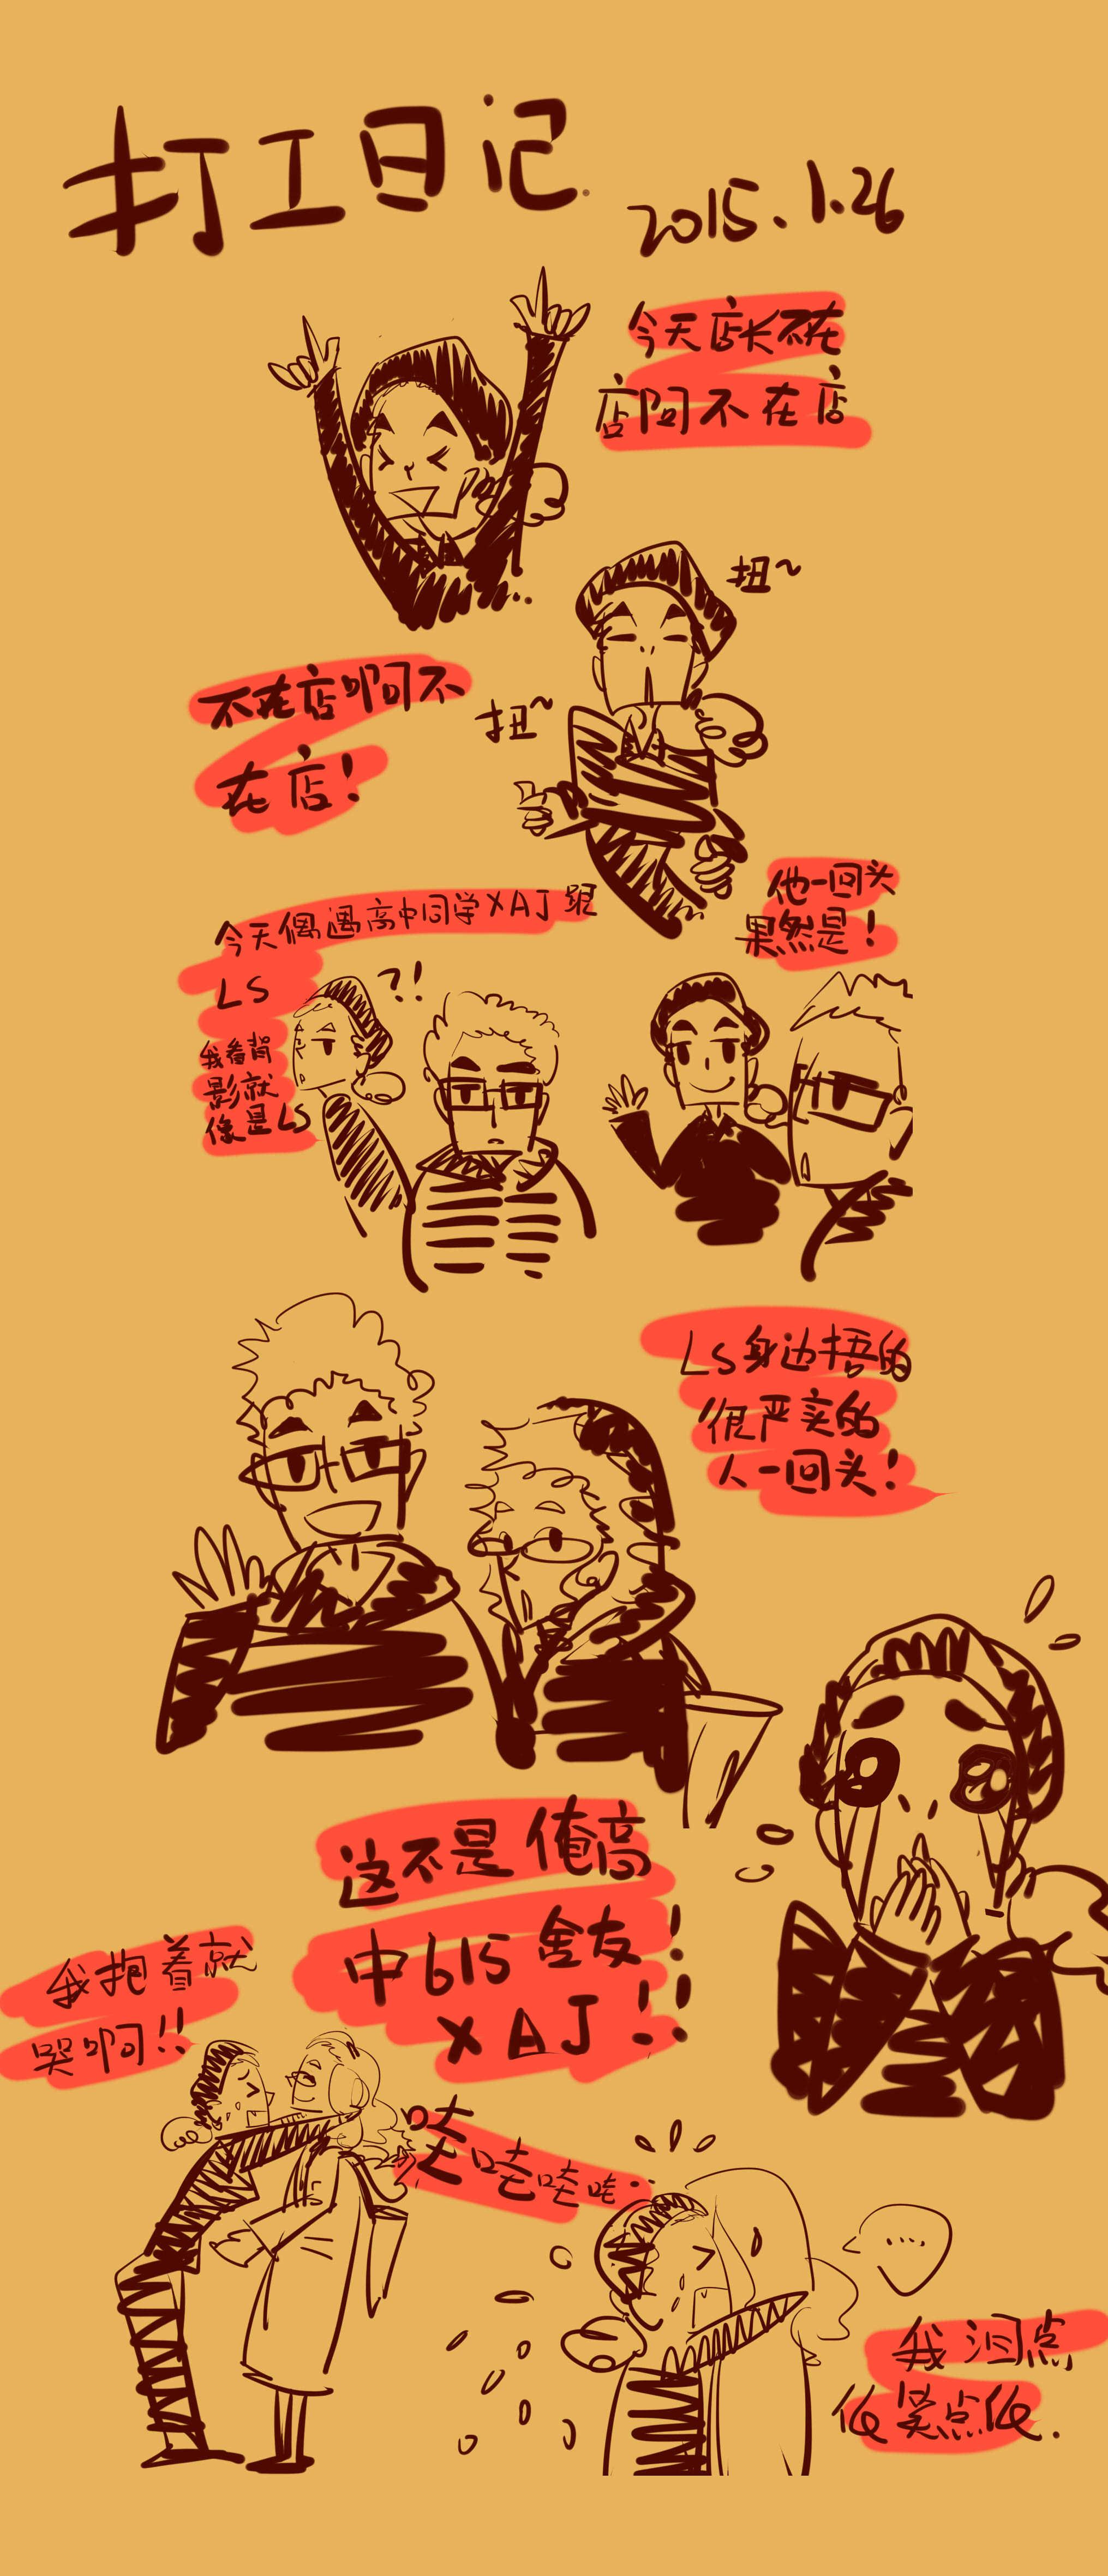 主题曲eiei谱子